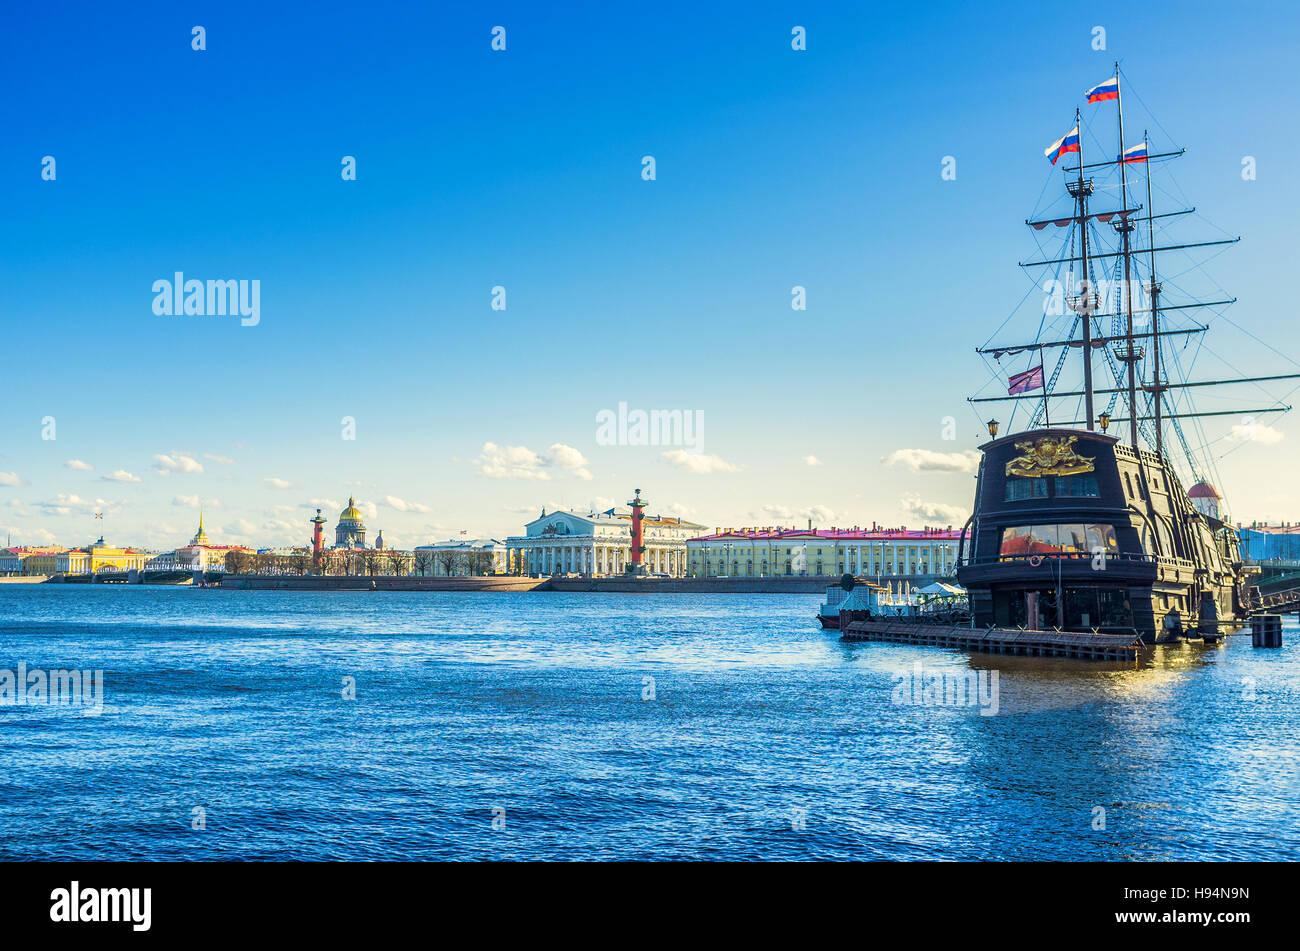 Das mittelalterliche Schiff sieht harmonisch in alten Sankt Petersburg Stockbild